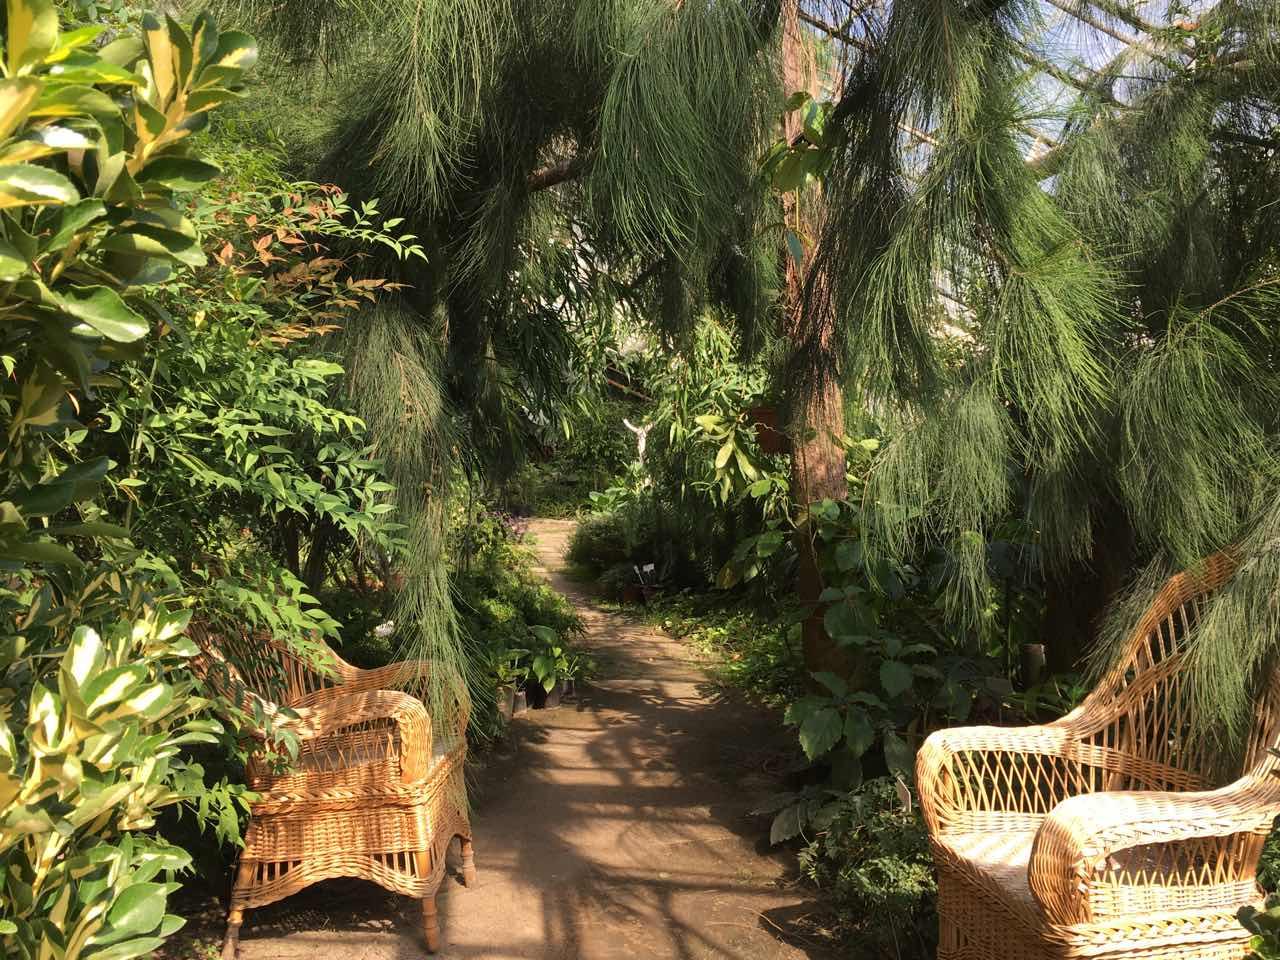 Изюминкой осенних экскурсий вВолгоградском ботаническом саду станут водопад иводные растения